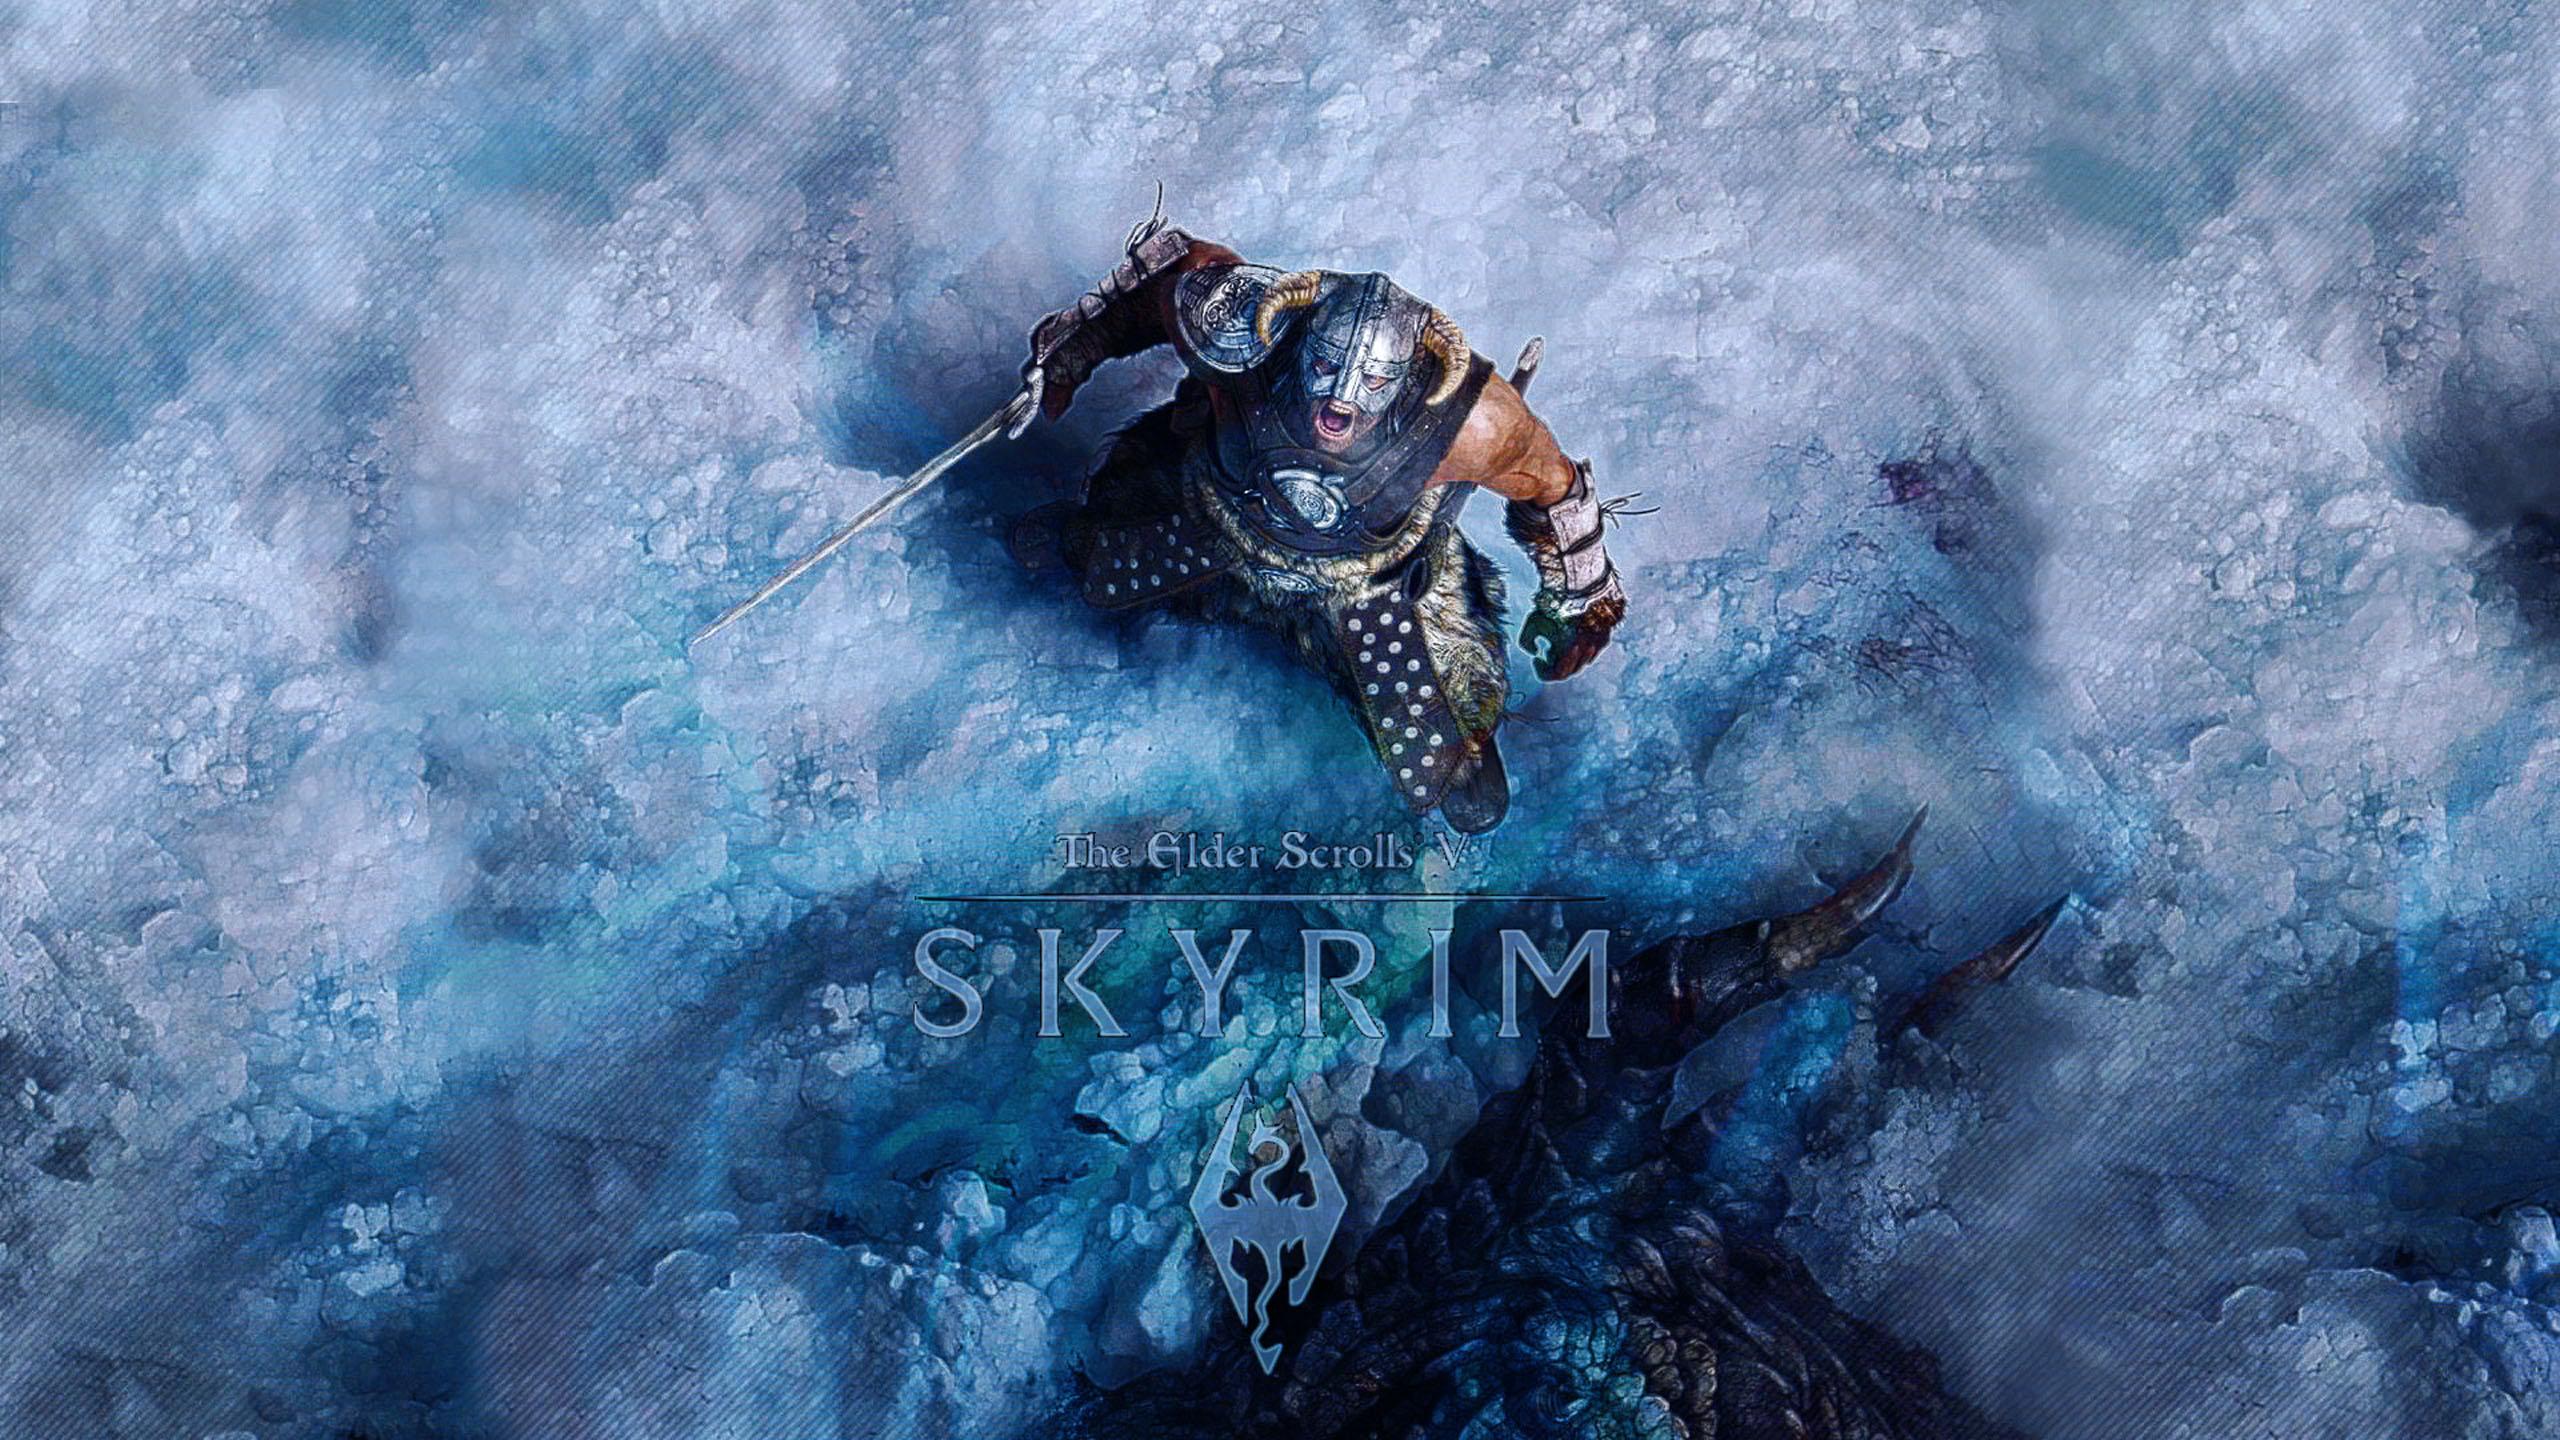 Skyrim wallpaper 30